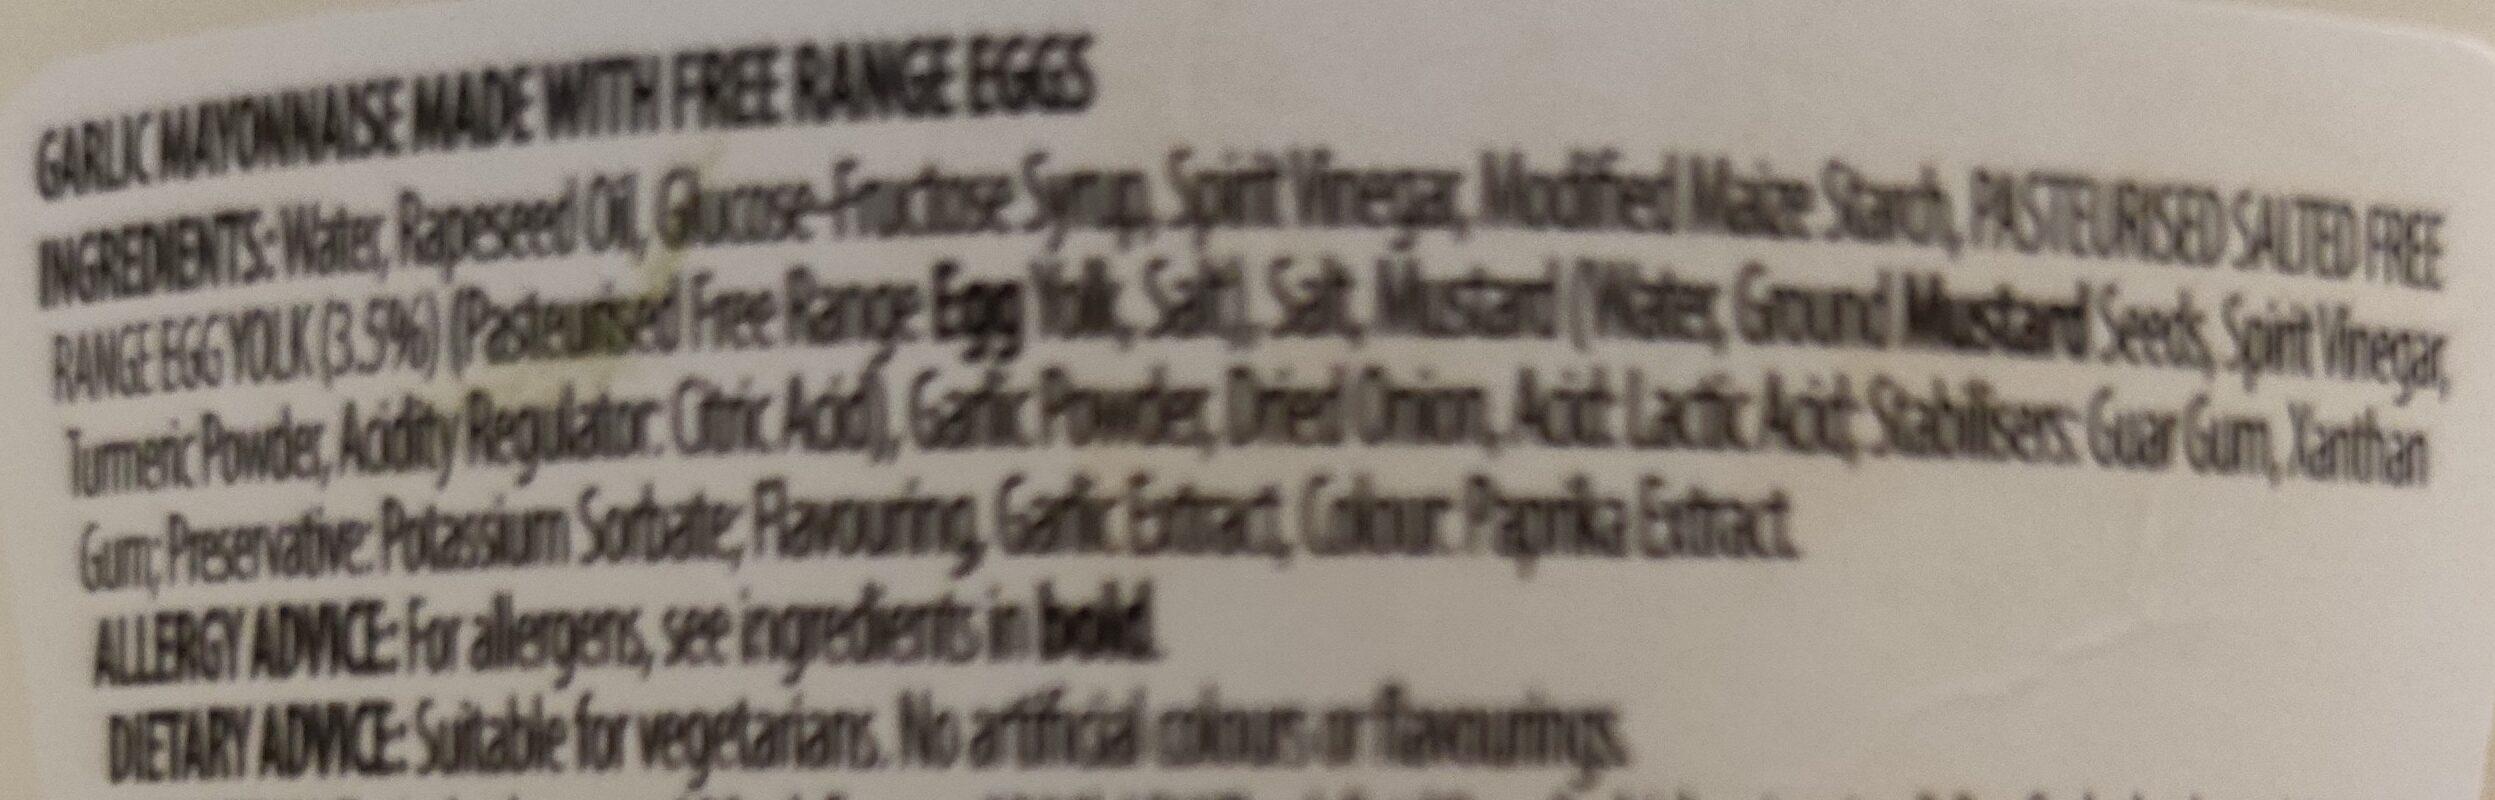 Garlic Mayonnaise - Ingredients - en